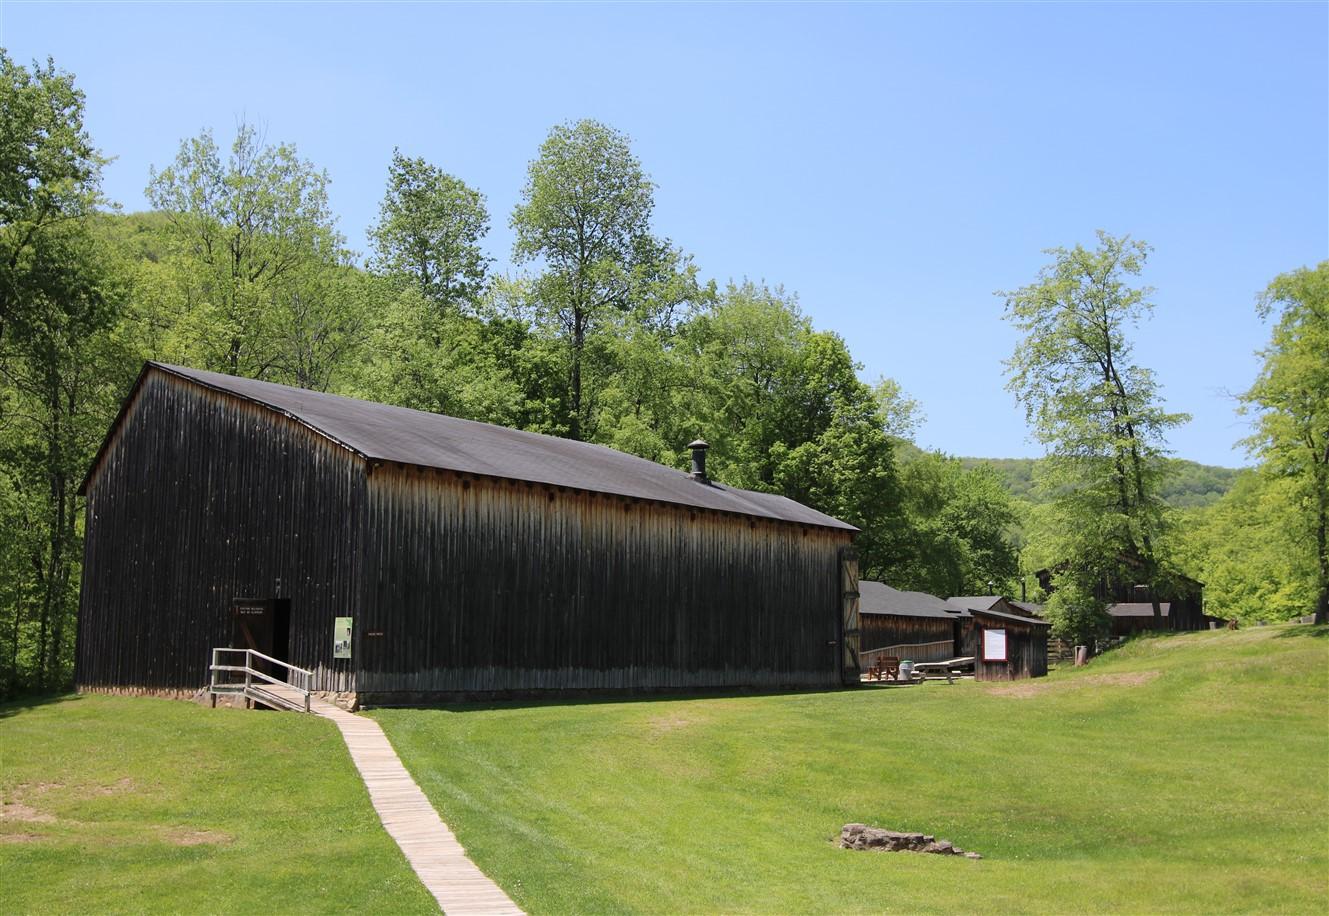 2018 05 25 160 Galeton PA Lumber Museum.jpg